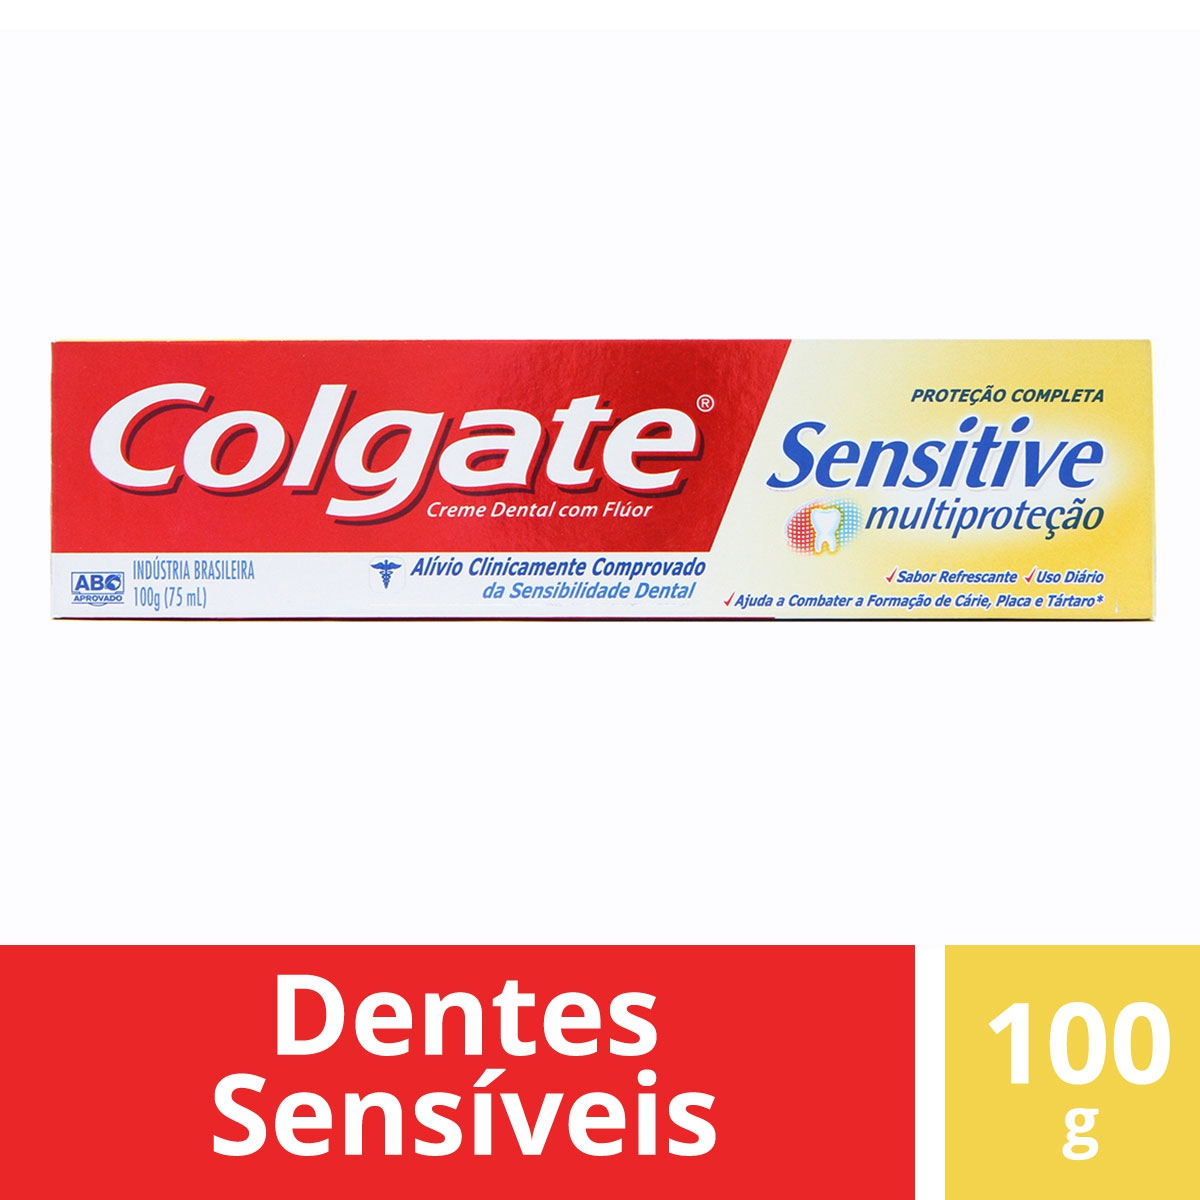 CR DENTAL COLGATE SENS MULT PROT 100G